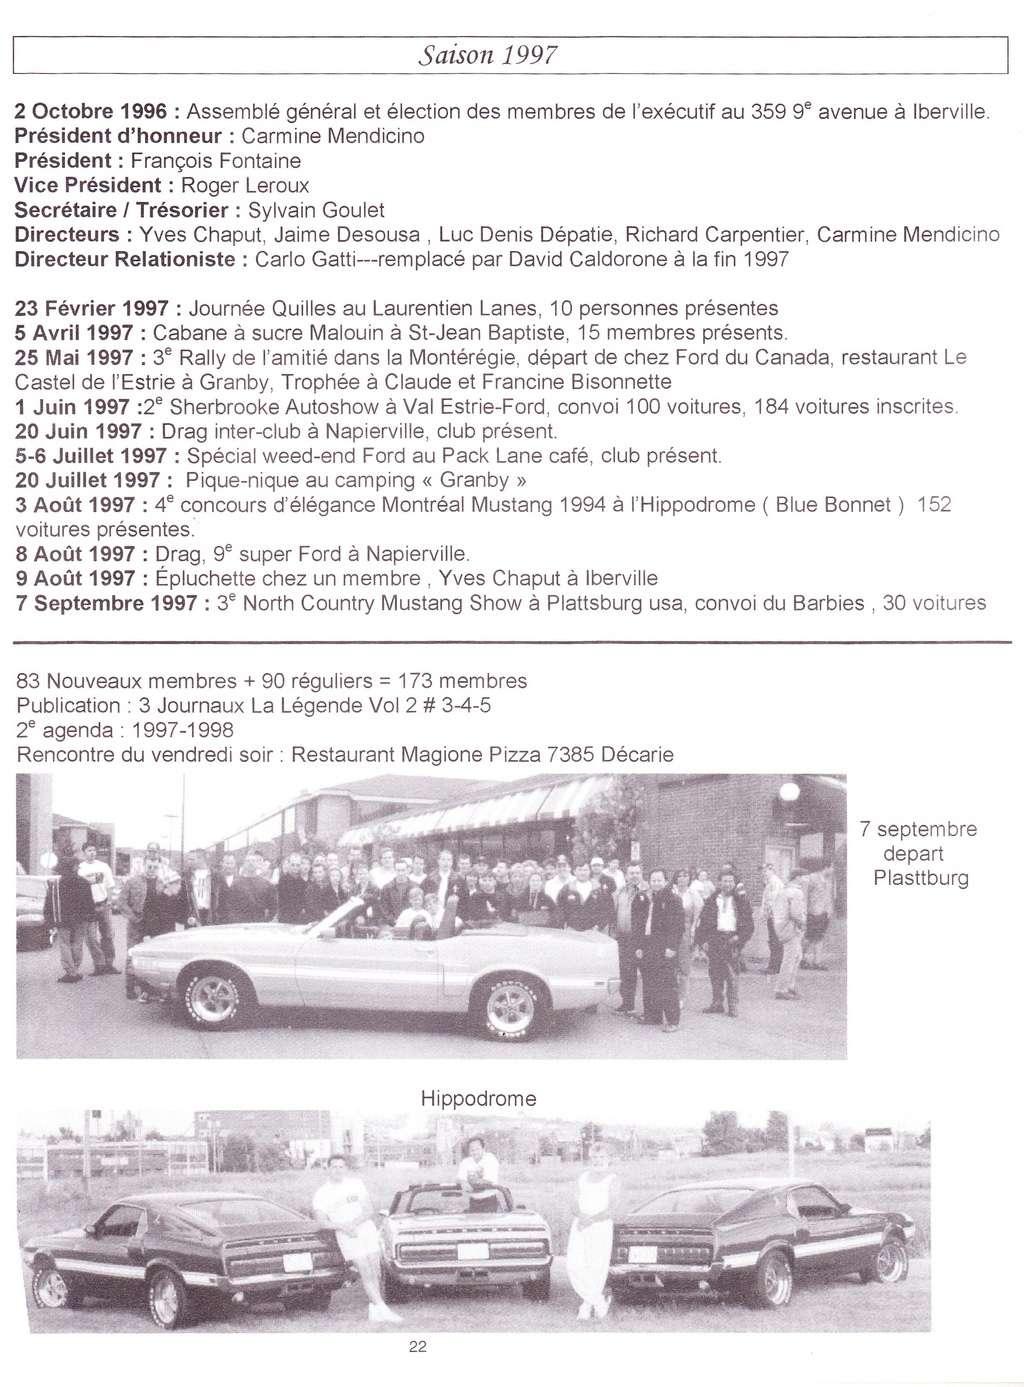 Montréal Mustang dans le temps! 1981 à aujourd'hui (Histoire en photos) La_lyg60